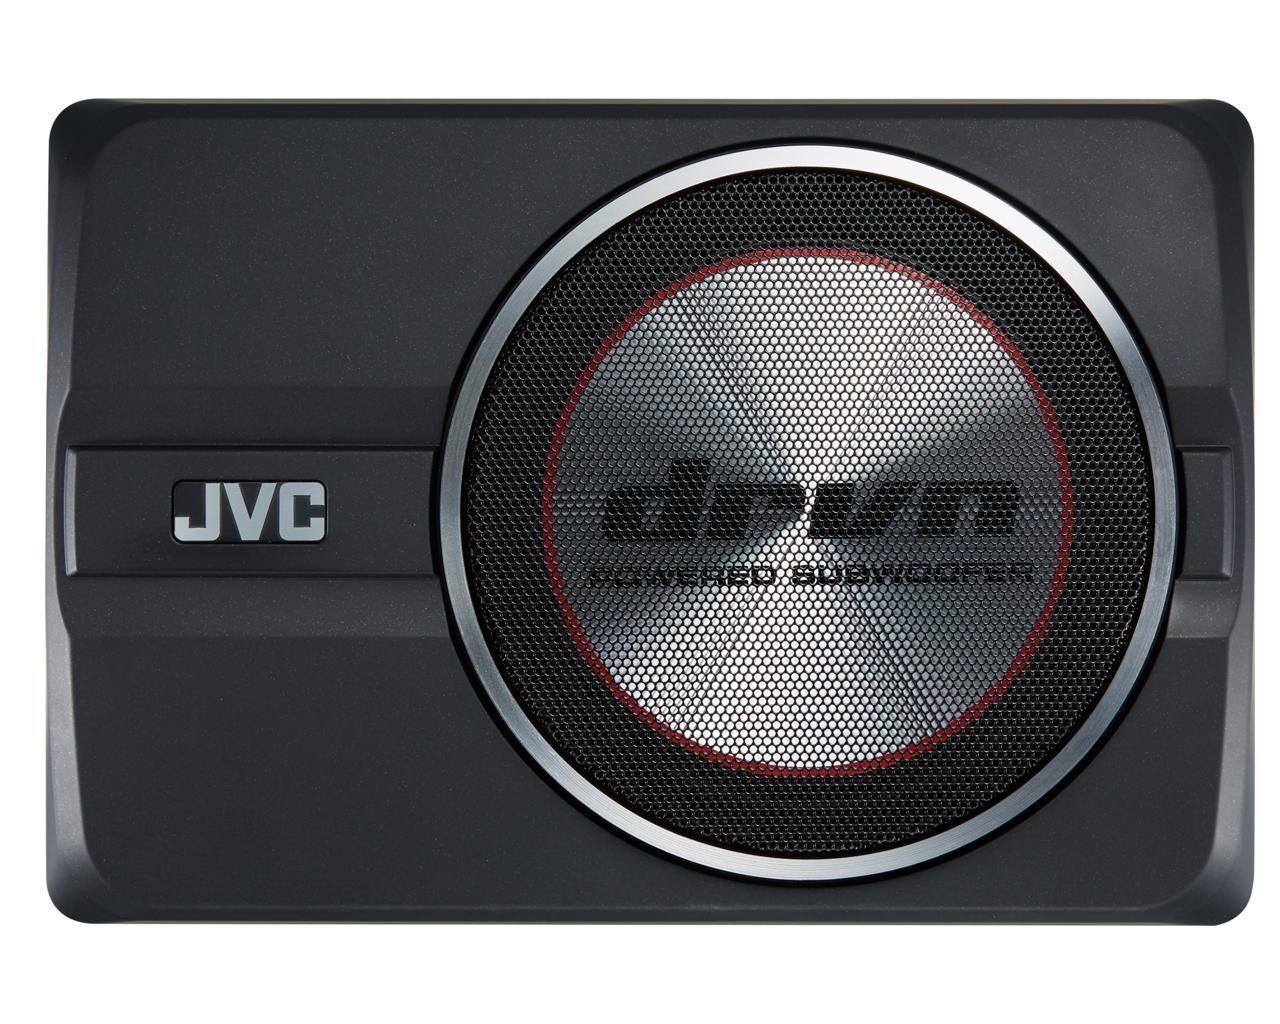 Artikelnummer CW-DRA8 JVC Preise